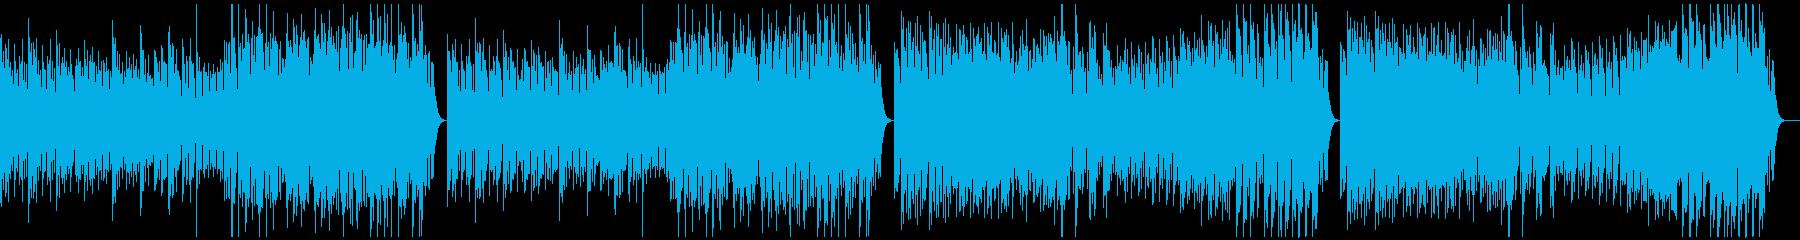 調理シーン向けのクラシック曲01の再生済みの波形